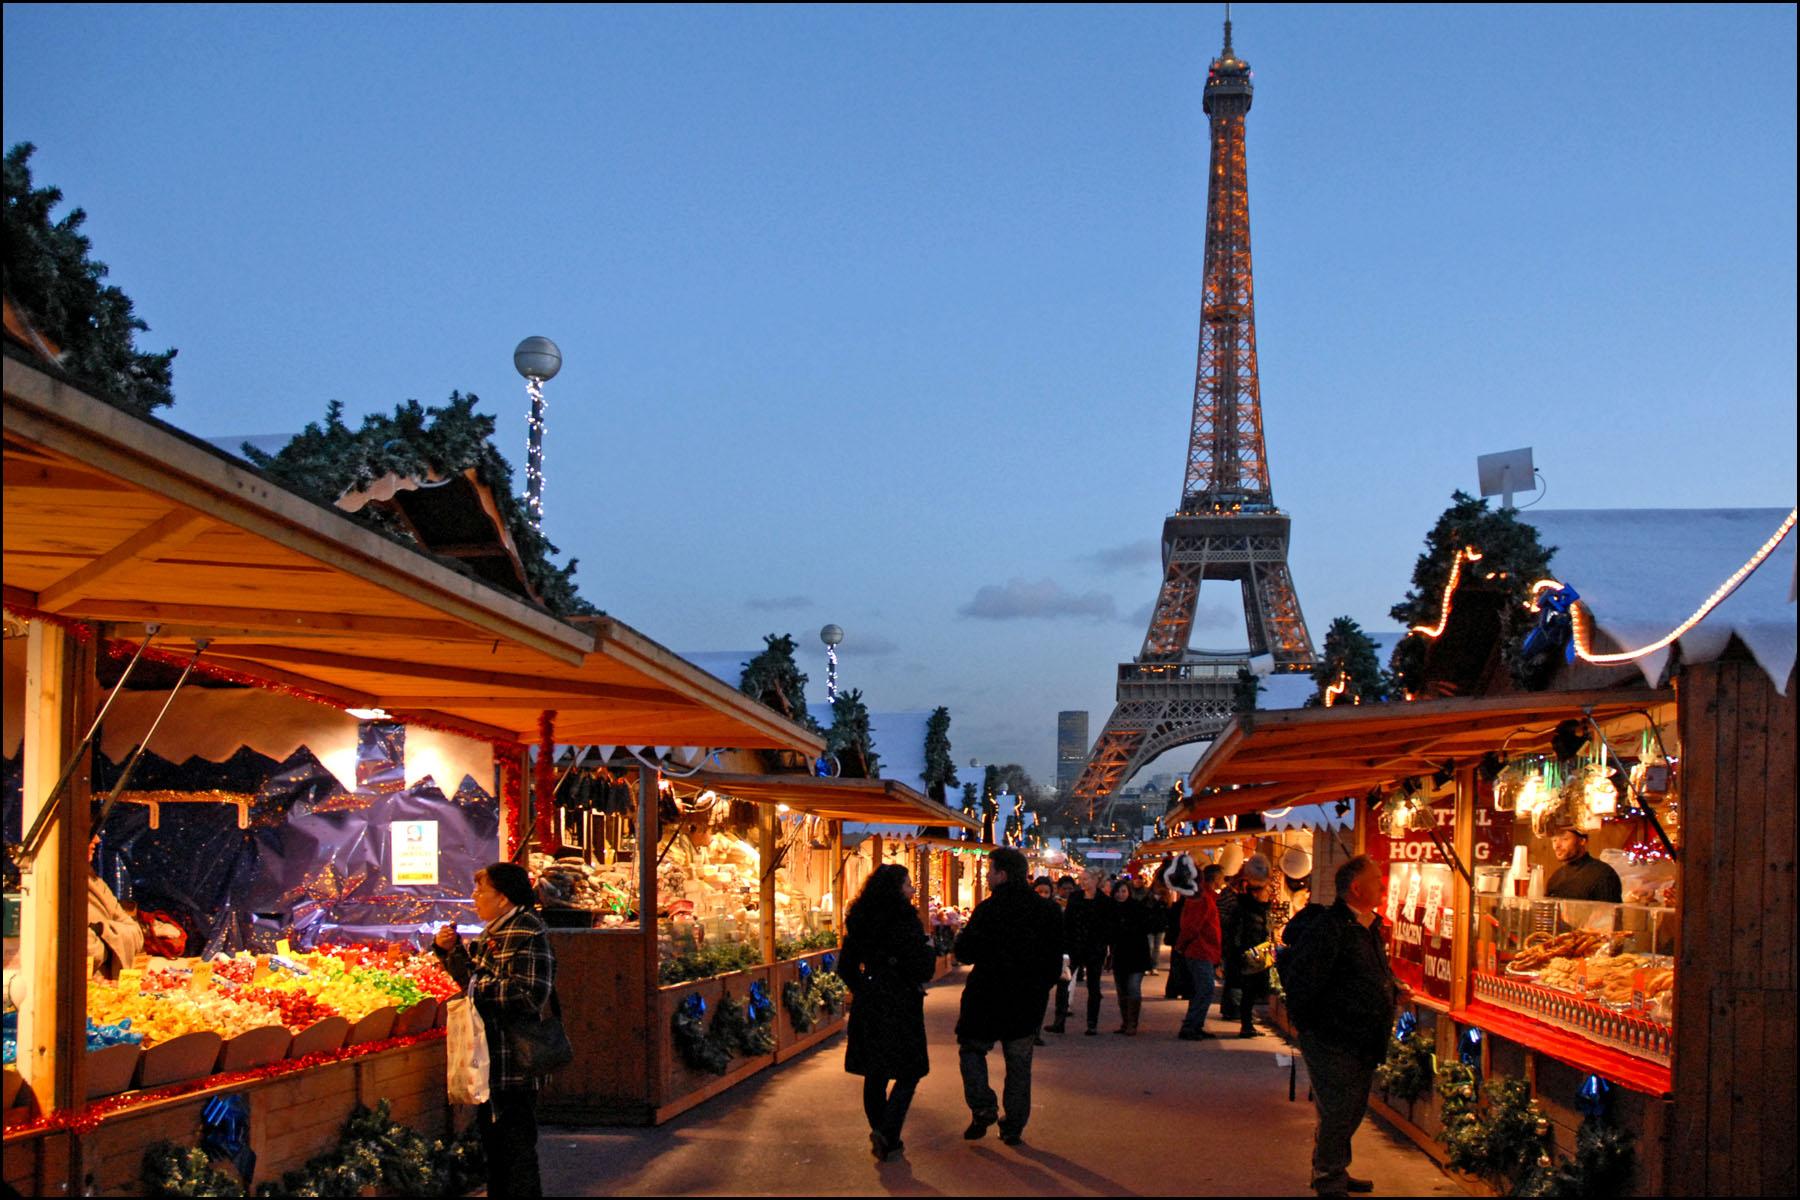 17.12.2018 | Bild des Tages | Weihnachtsmarkt in Paris | Dream Boy ...